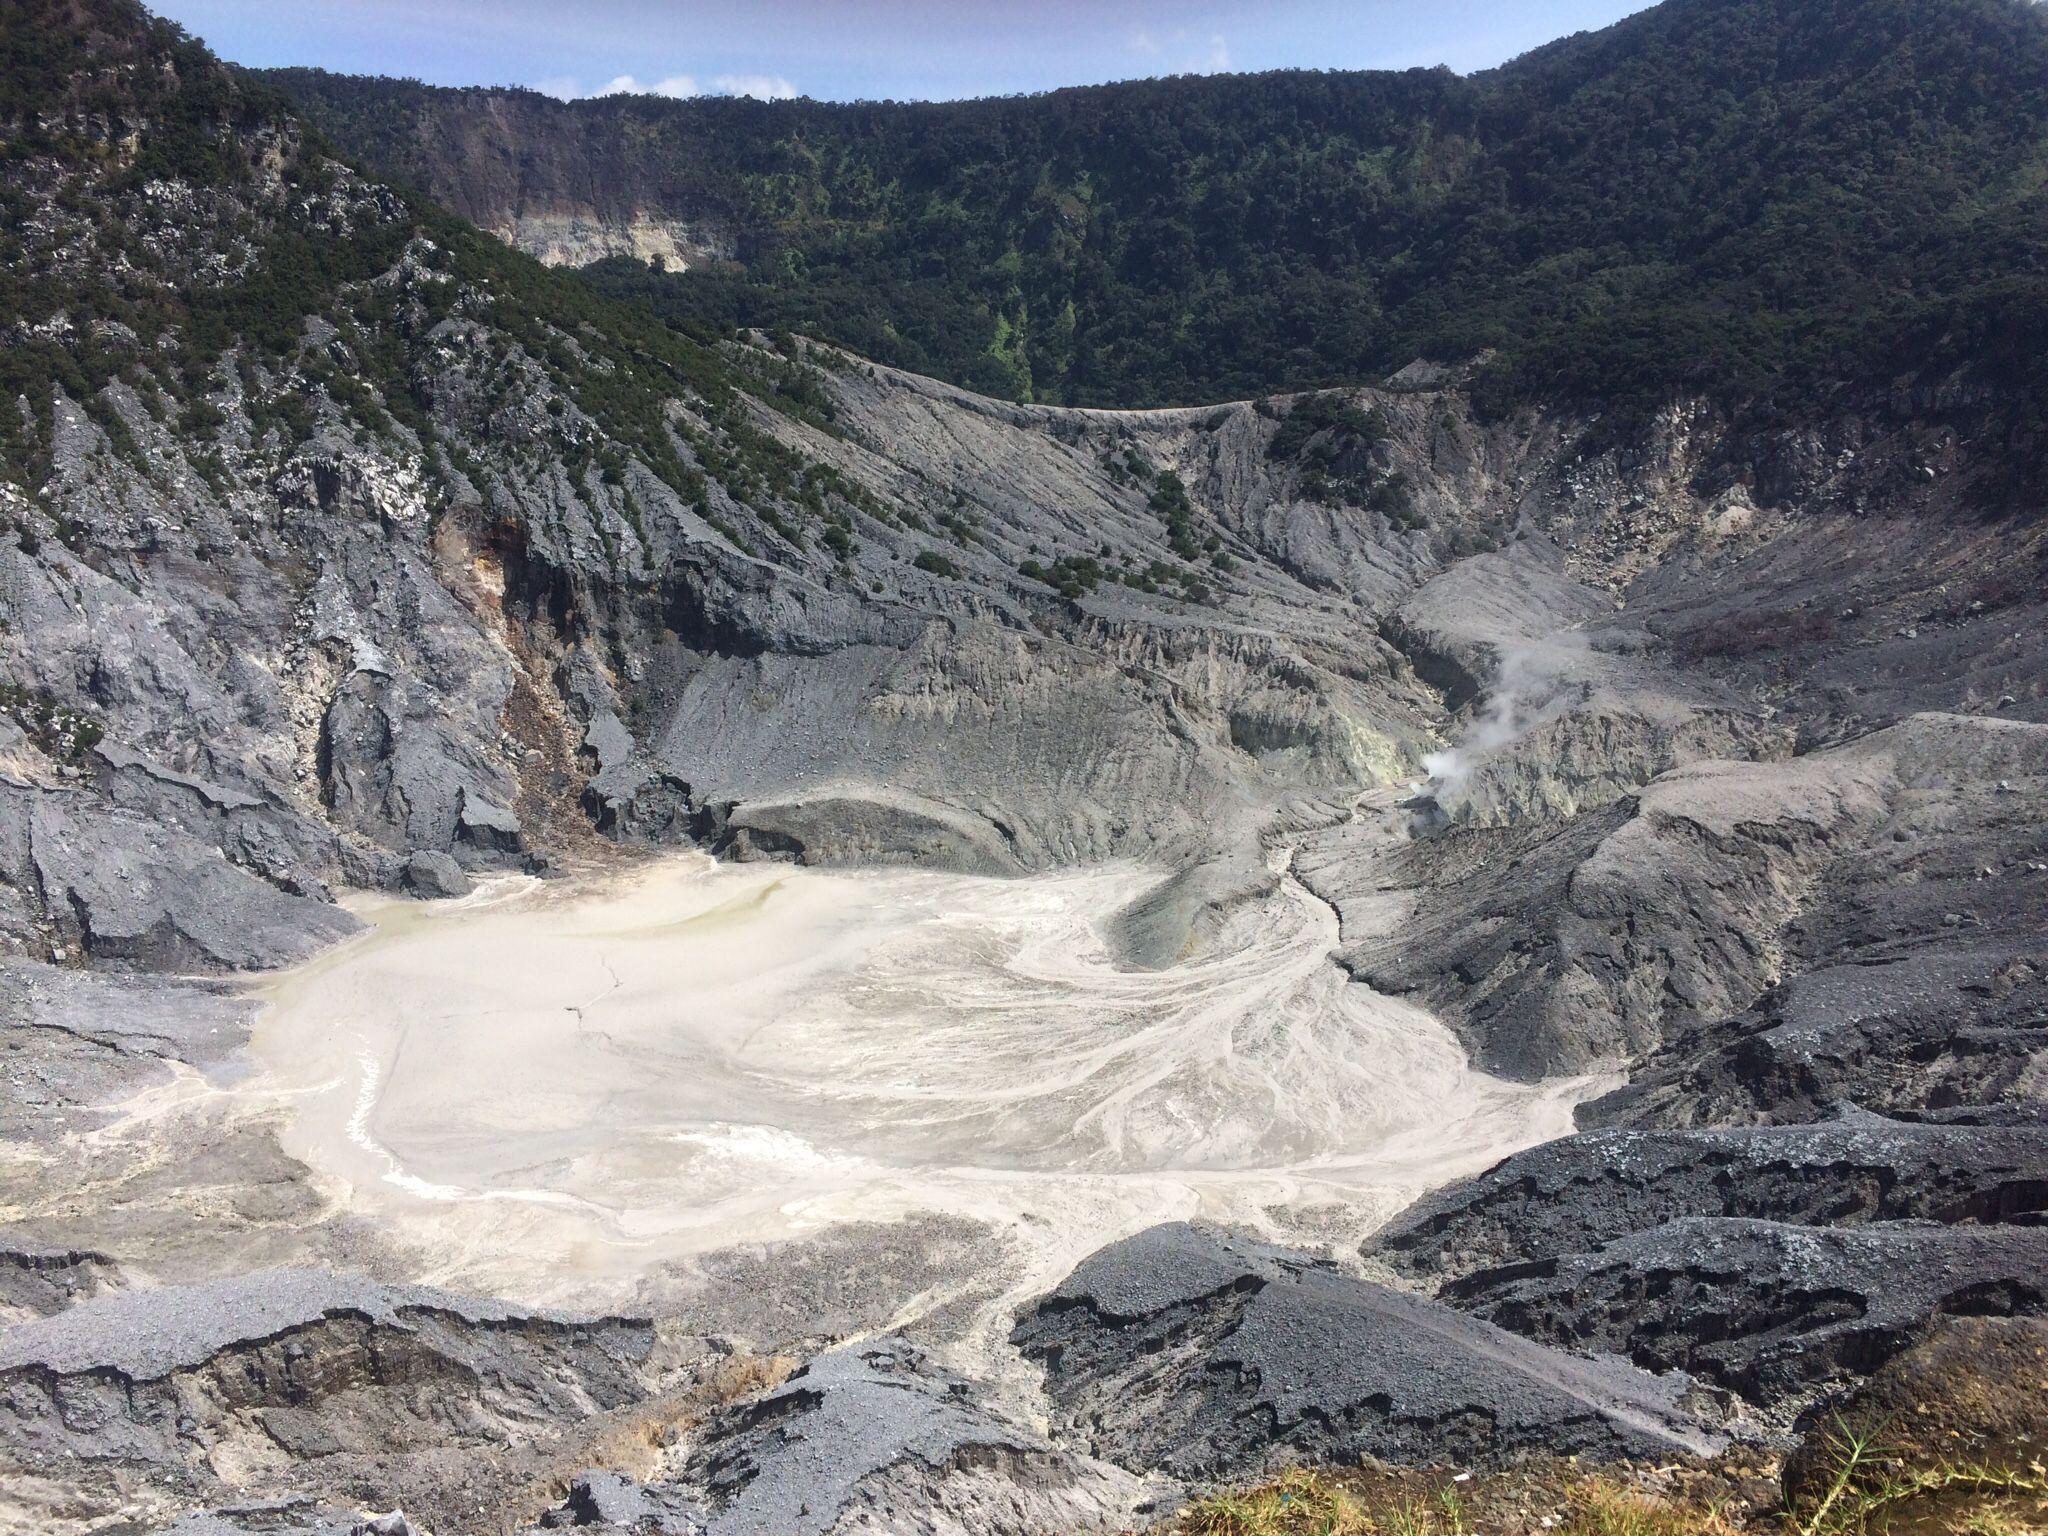 Ratu Crater of Tangkuban Parahu Mount, Bandung, West Java, Indonesia